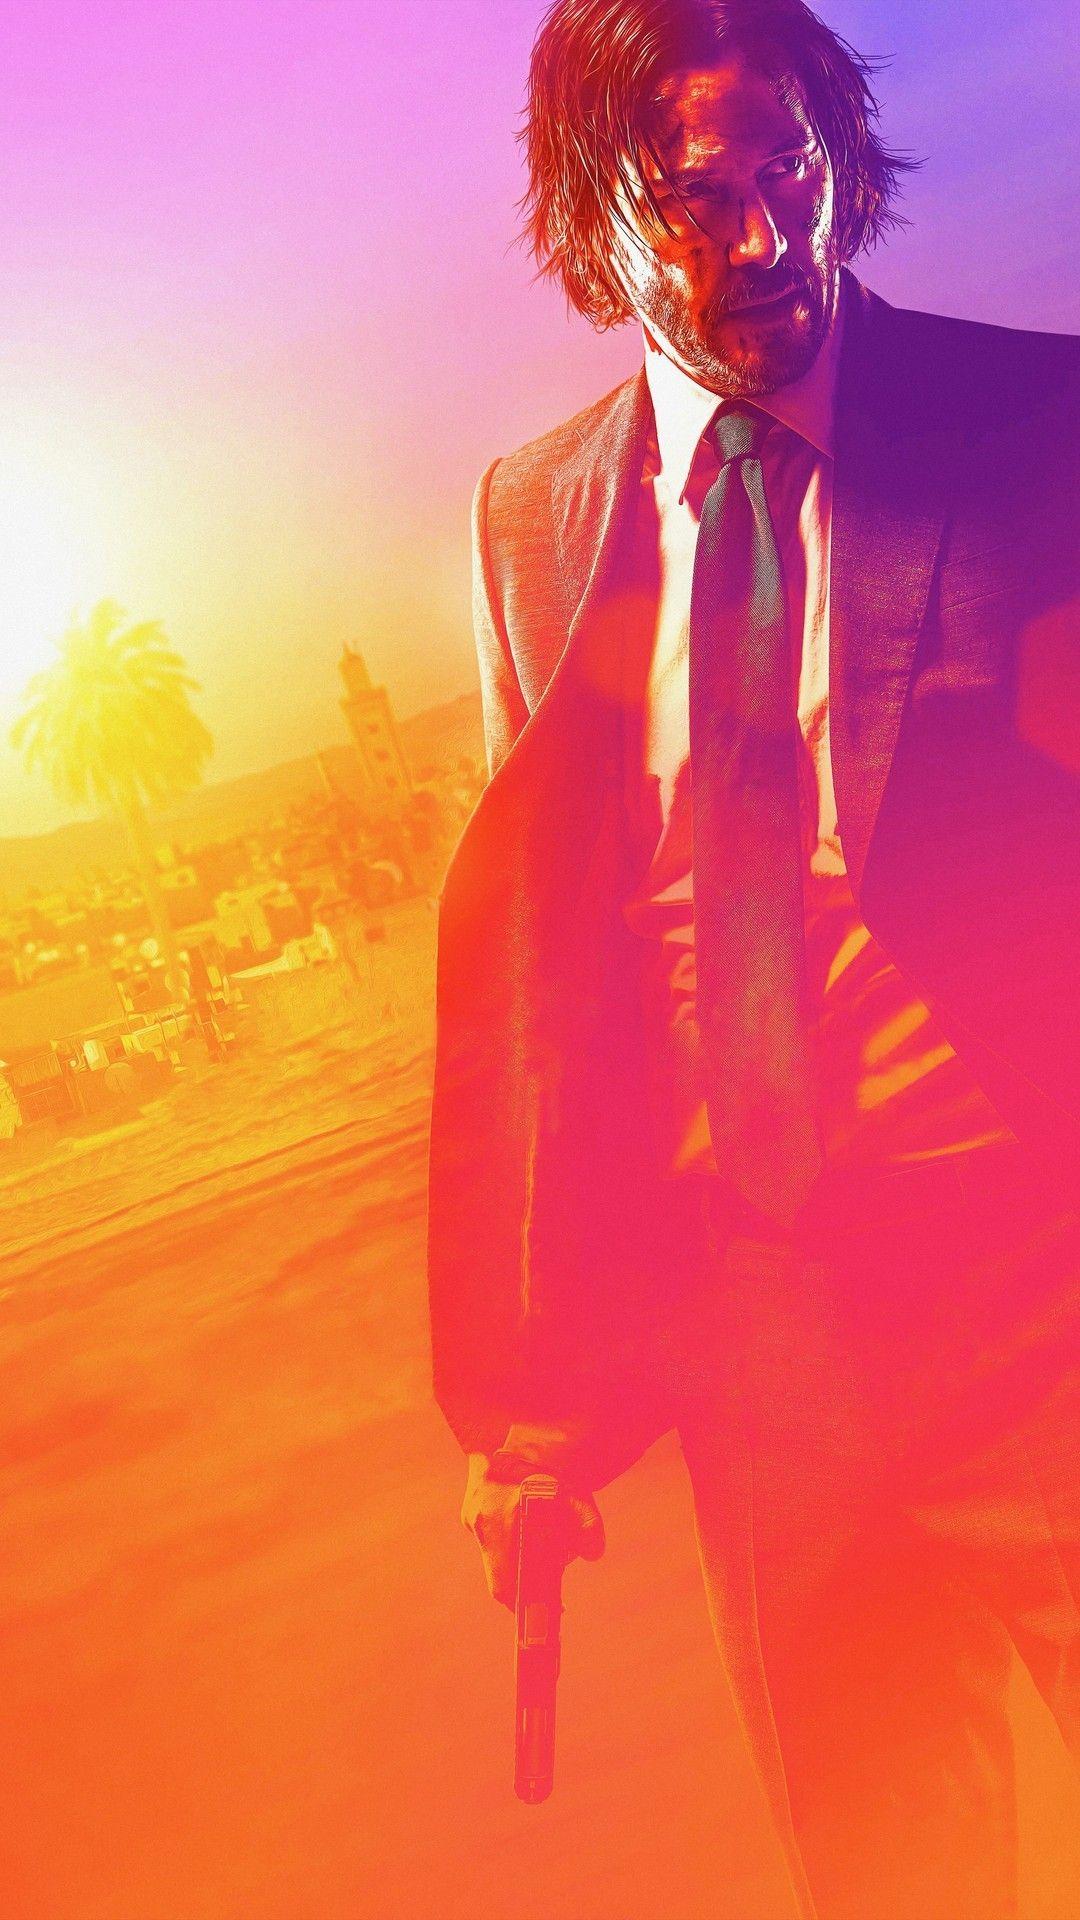 John Wick Chapter 3 Parabellum Poster Hd Best Movie Poster Wallpaper Hd Best Movie Posters Keanu Reeves John Wick Keanu Reeves